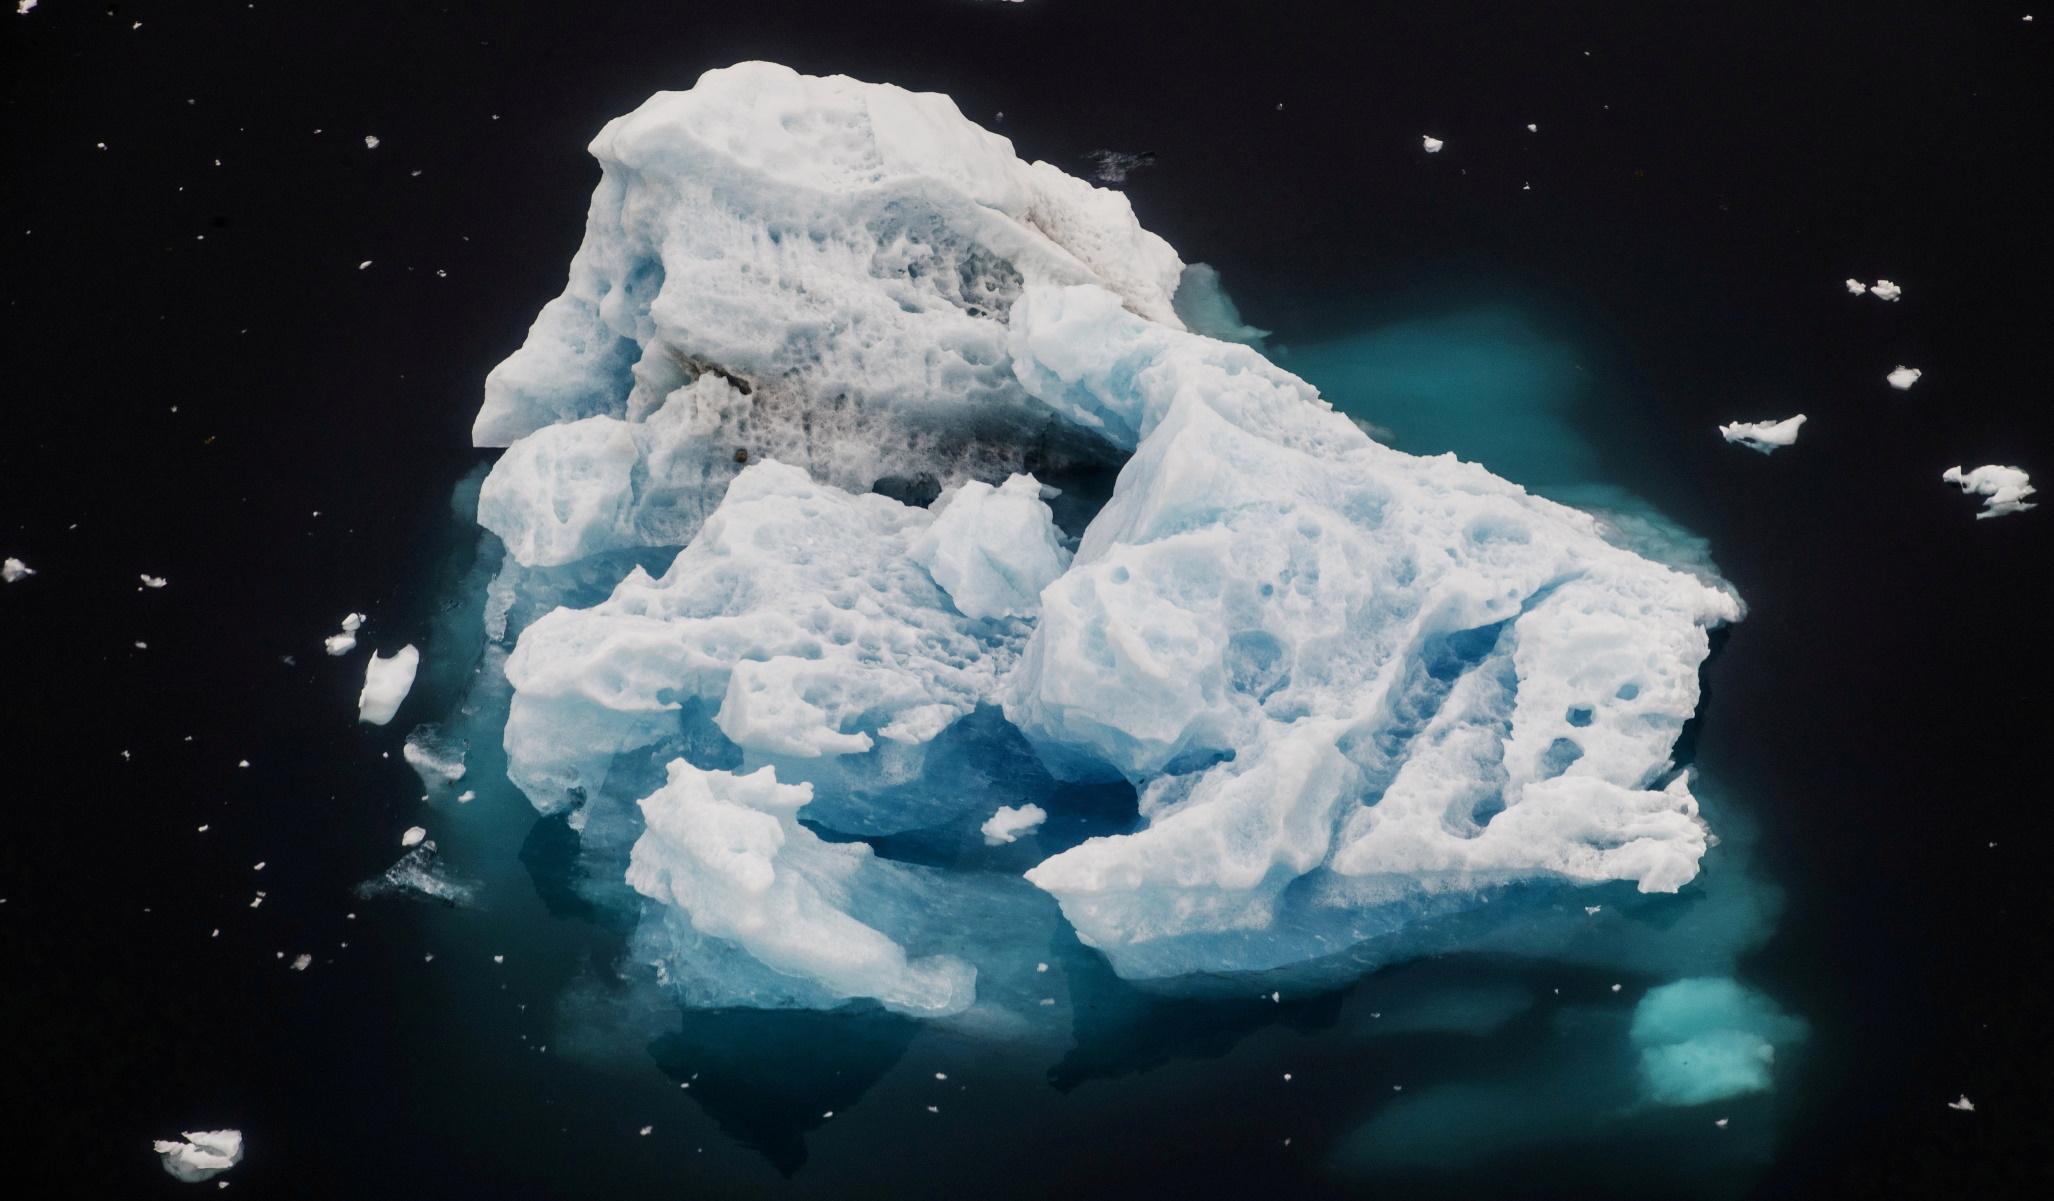 Κλιματική αλλαγή – Γροιλανδία: Σύντομα μη αναστρέψιμο το λιώσιμο των πάγων (pics)